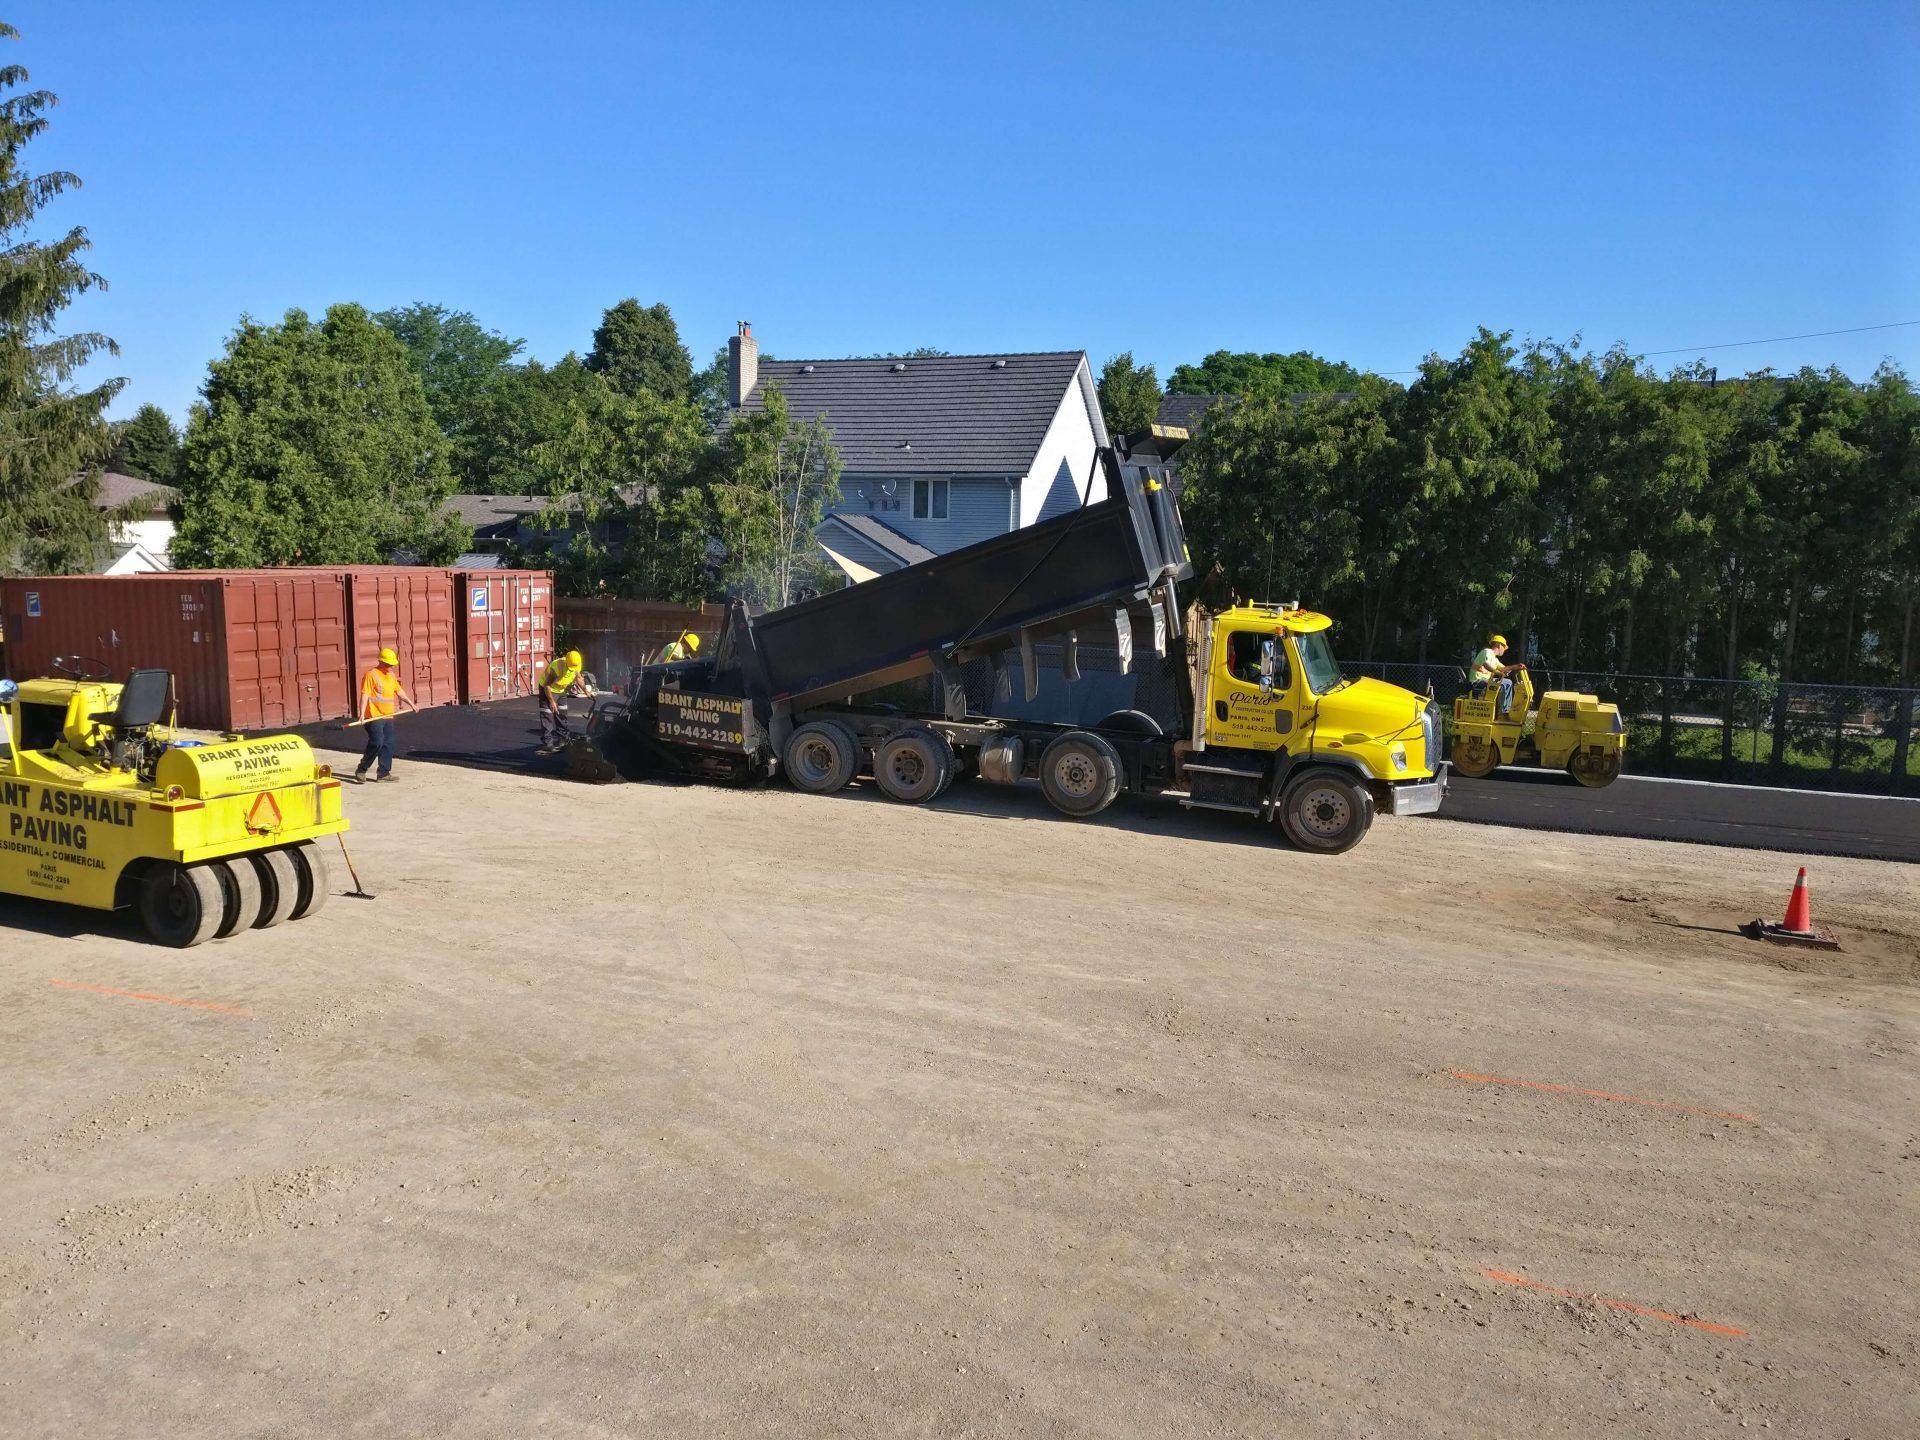 Paris Construction dump truck